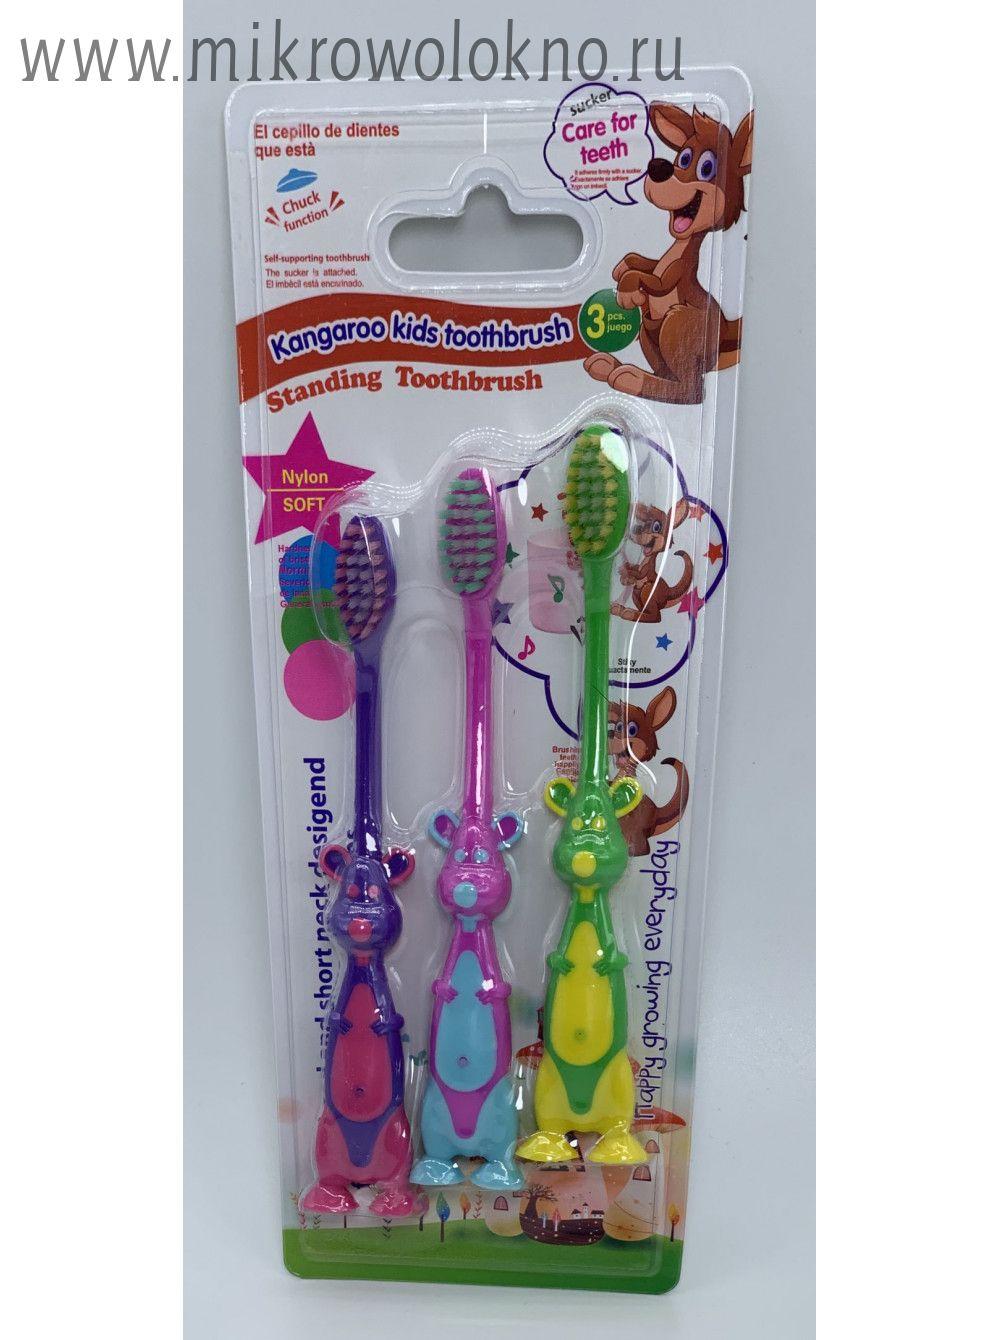 Детские зубные щётки, набор 3 шт.